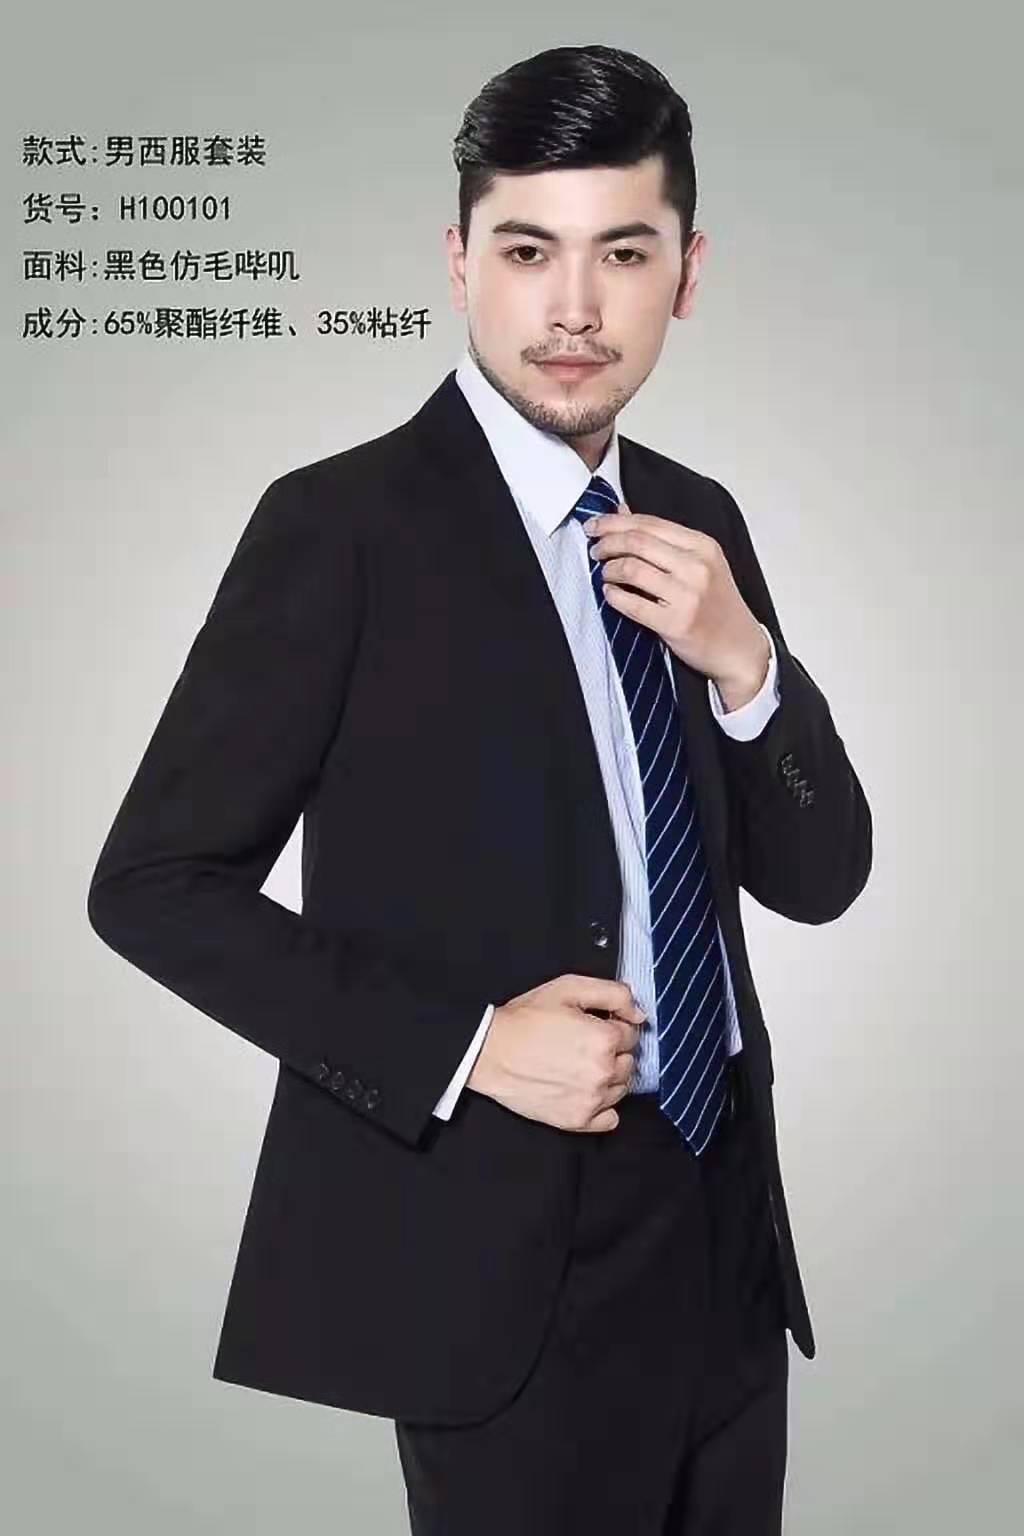 昆山办公室西服 客户至上「宁波市宁森服饰供应」